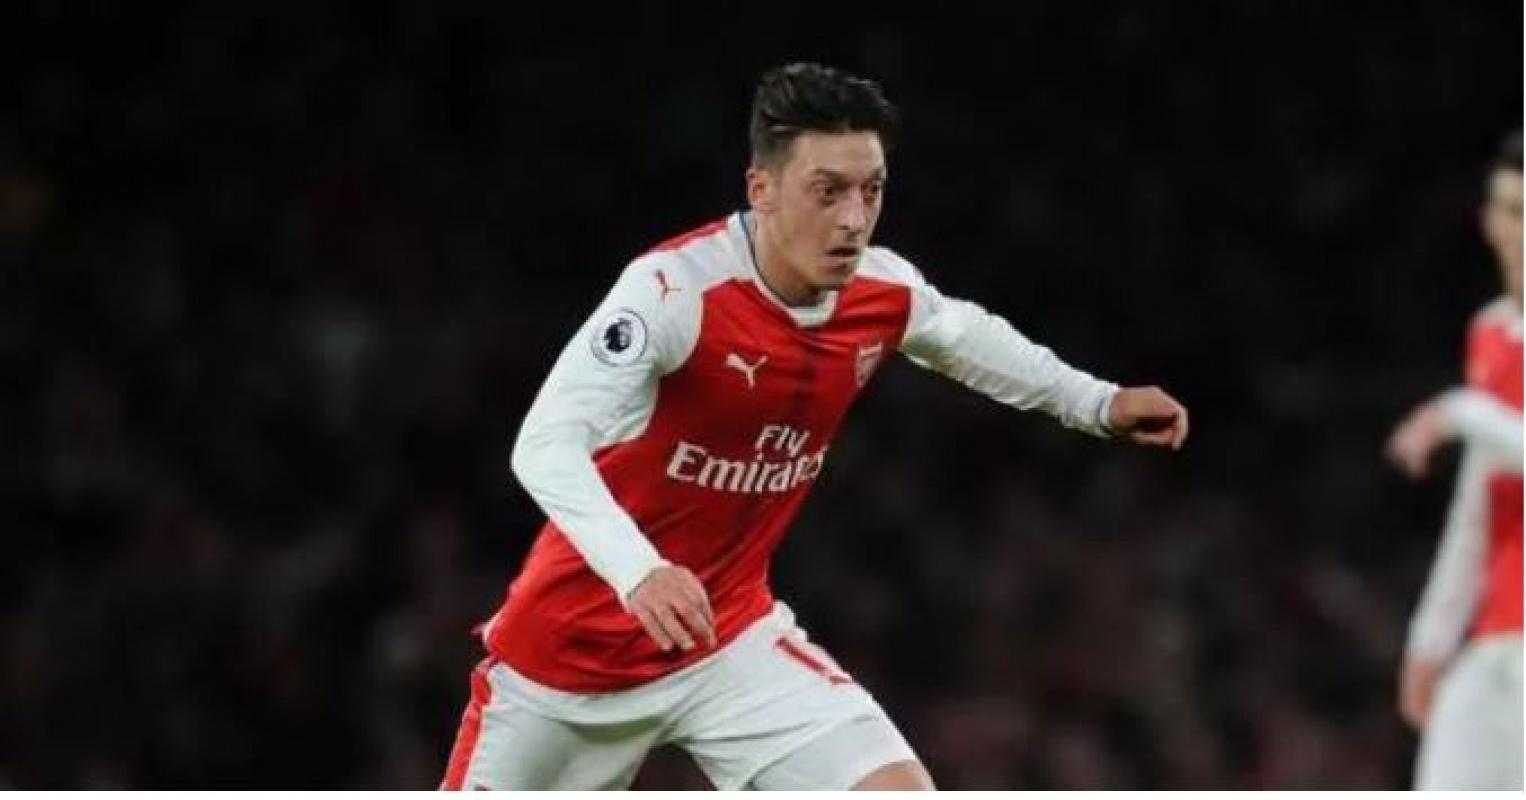 Fenerbahçe ile anlaştığı iddia edilen Mesut Özil'in menajerinden açıklama